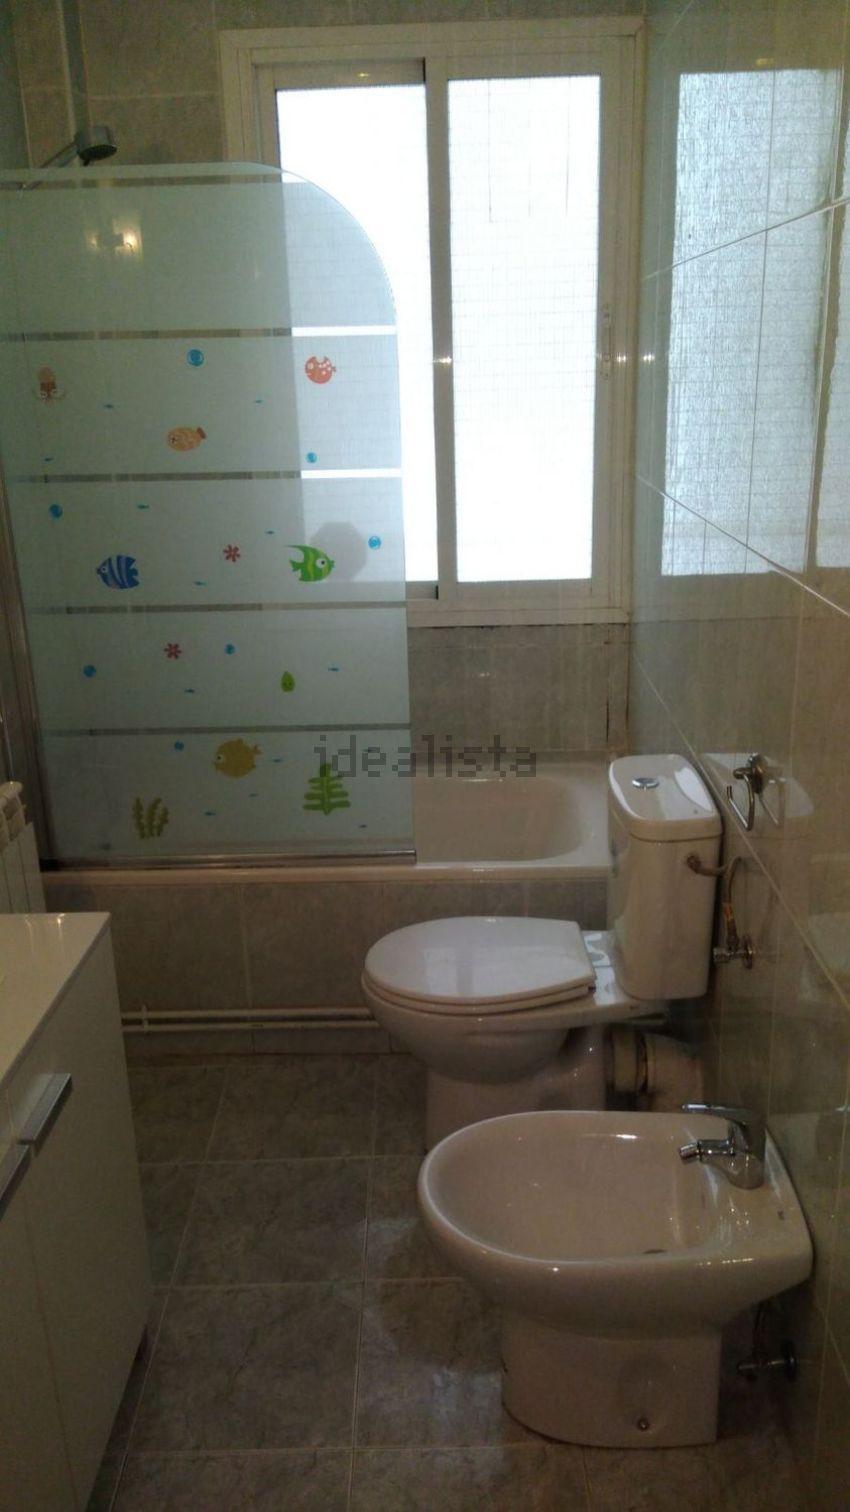 Piso en PISO EN PARQUE DE LAS AVENIDAS C . BAYONA, 670706629, Guindalera, Madrid